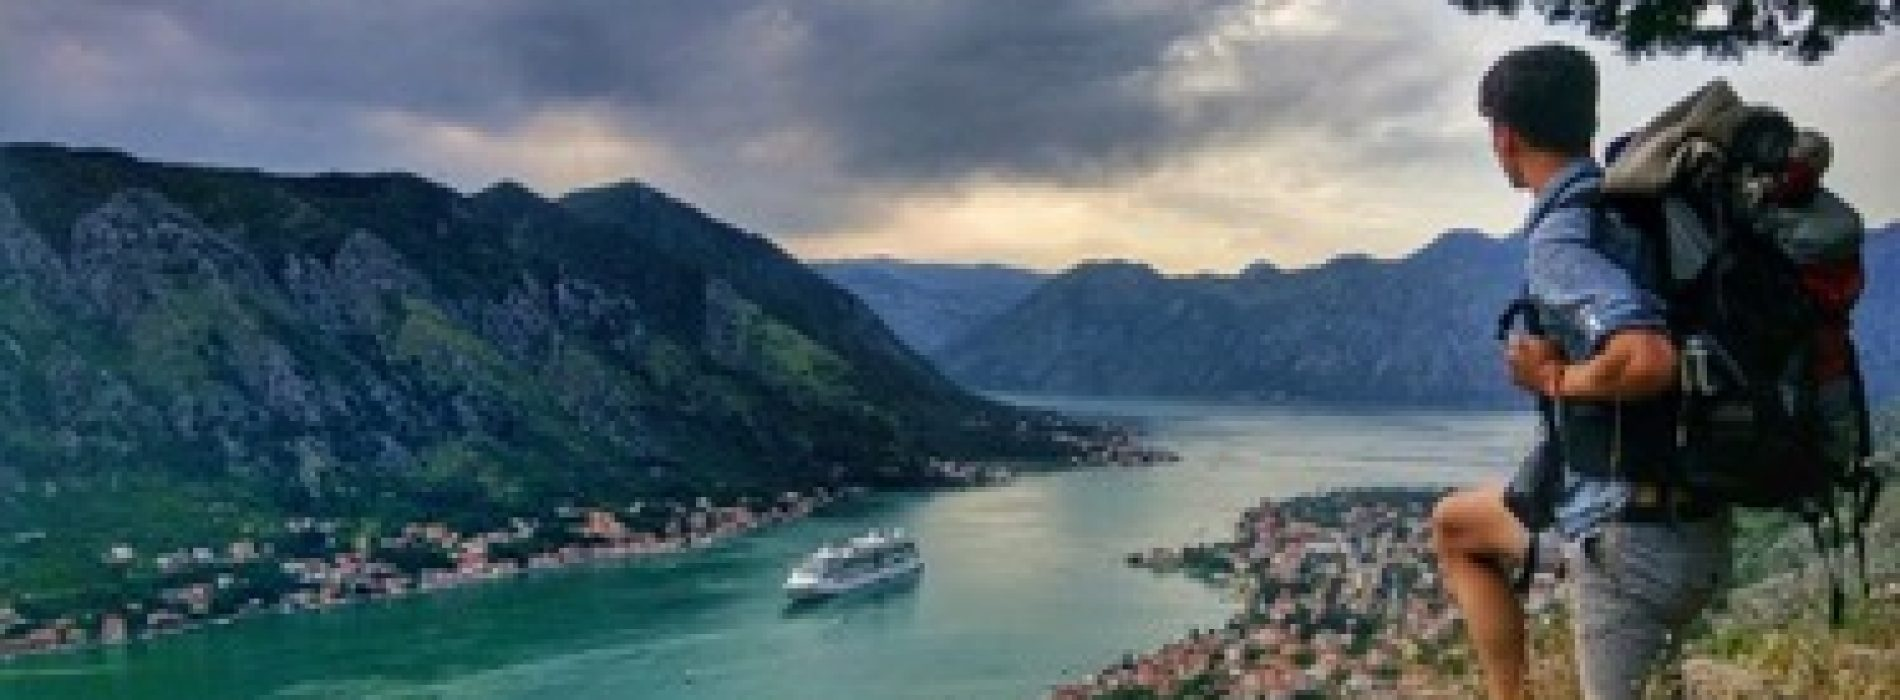 Balkan'larda Nereler Gezilir